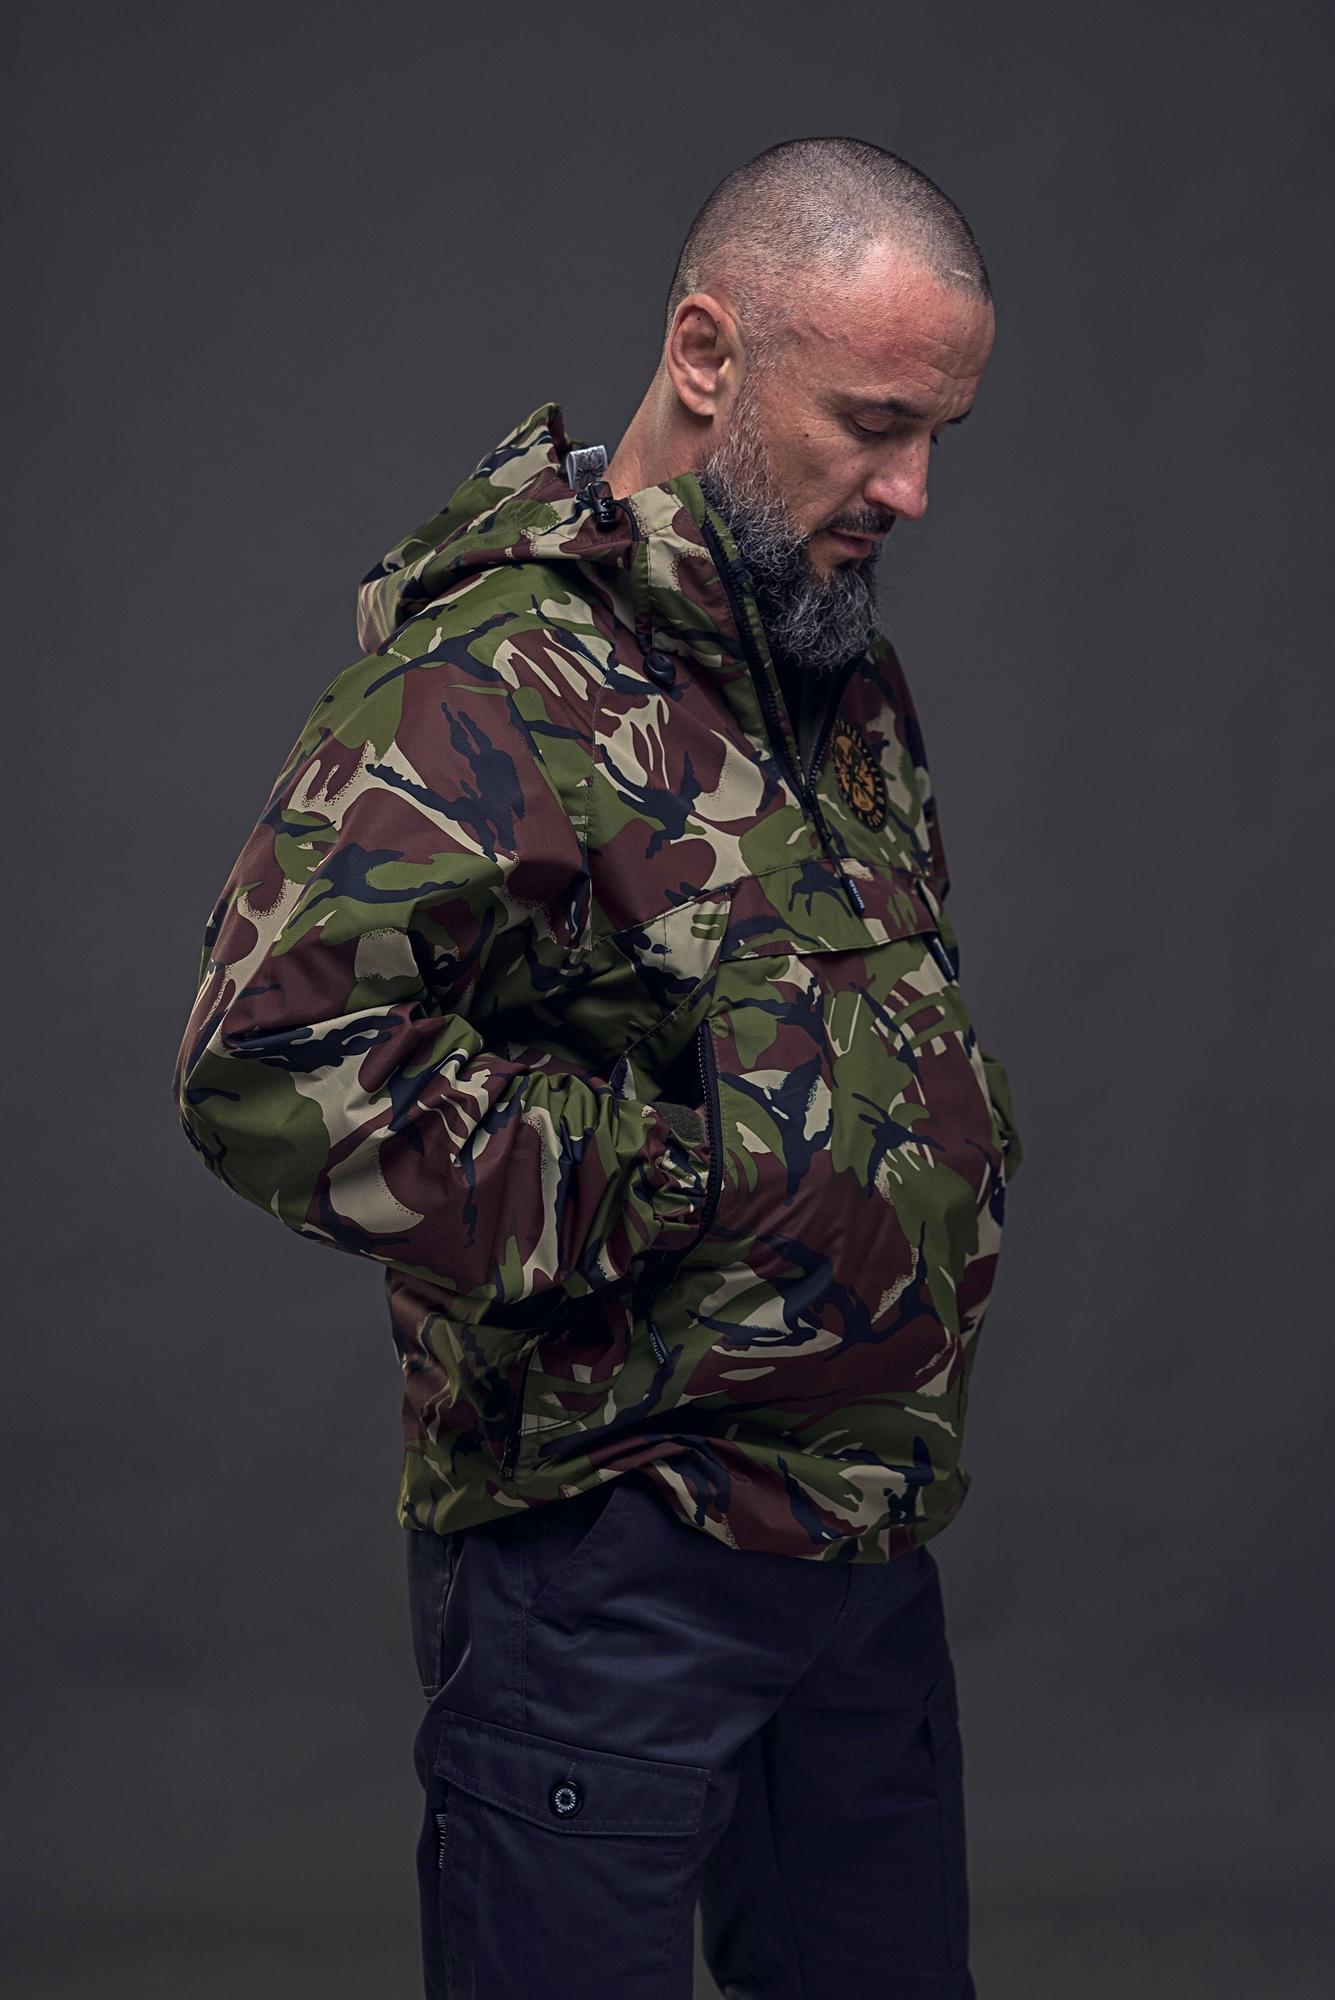 Купить модный Анорак Варгградъ DPM в интернет-магазине